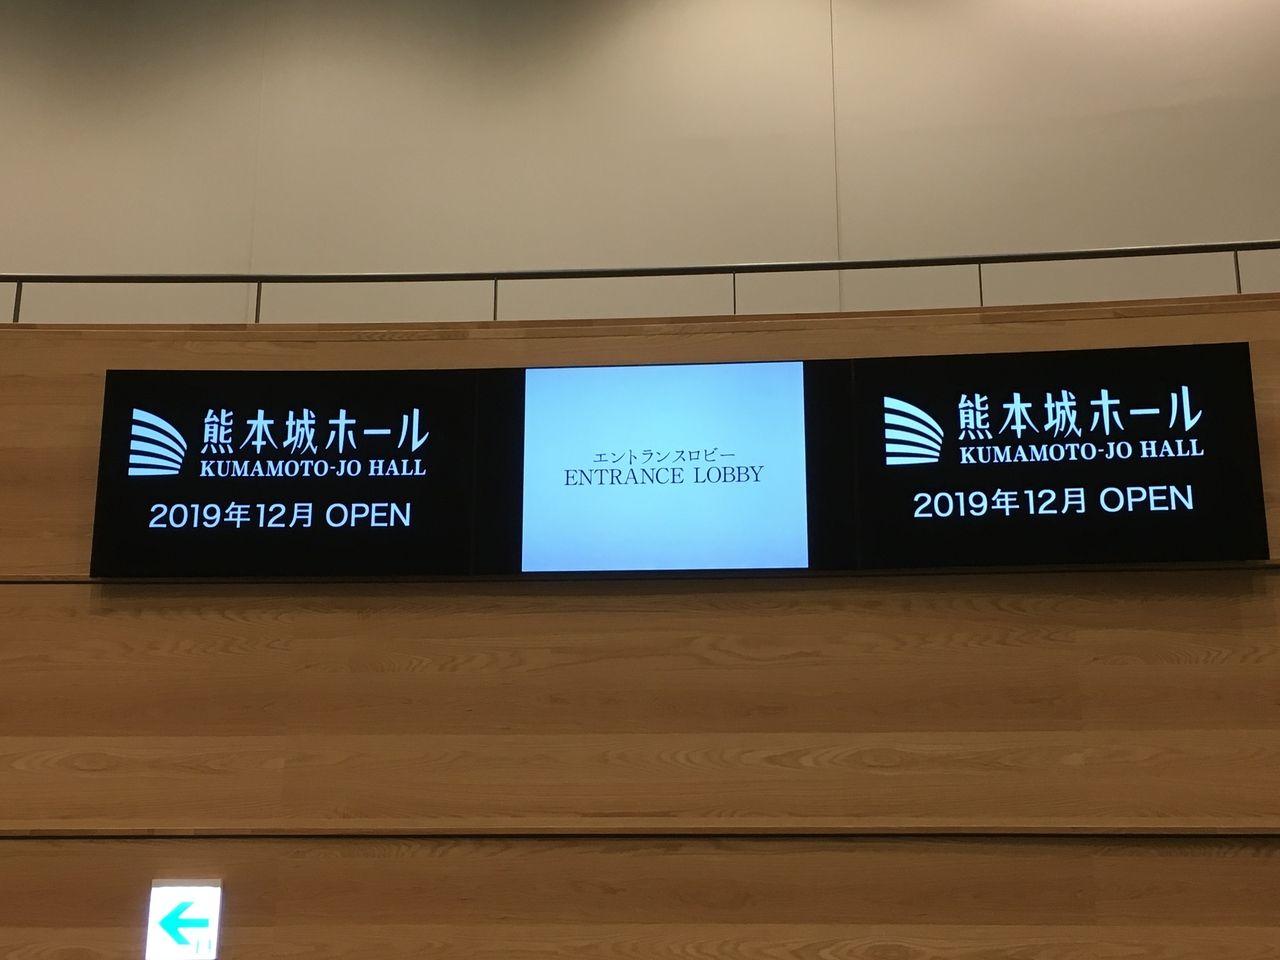 熊本城ホールエントランスロビーの表示